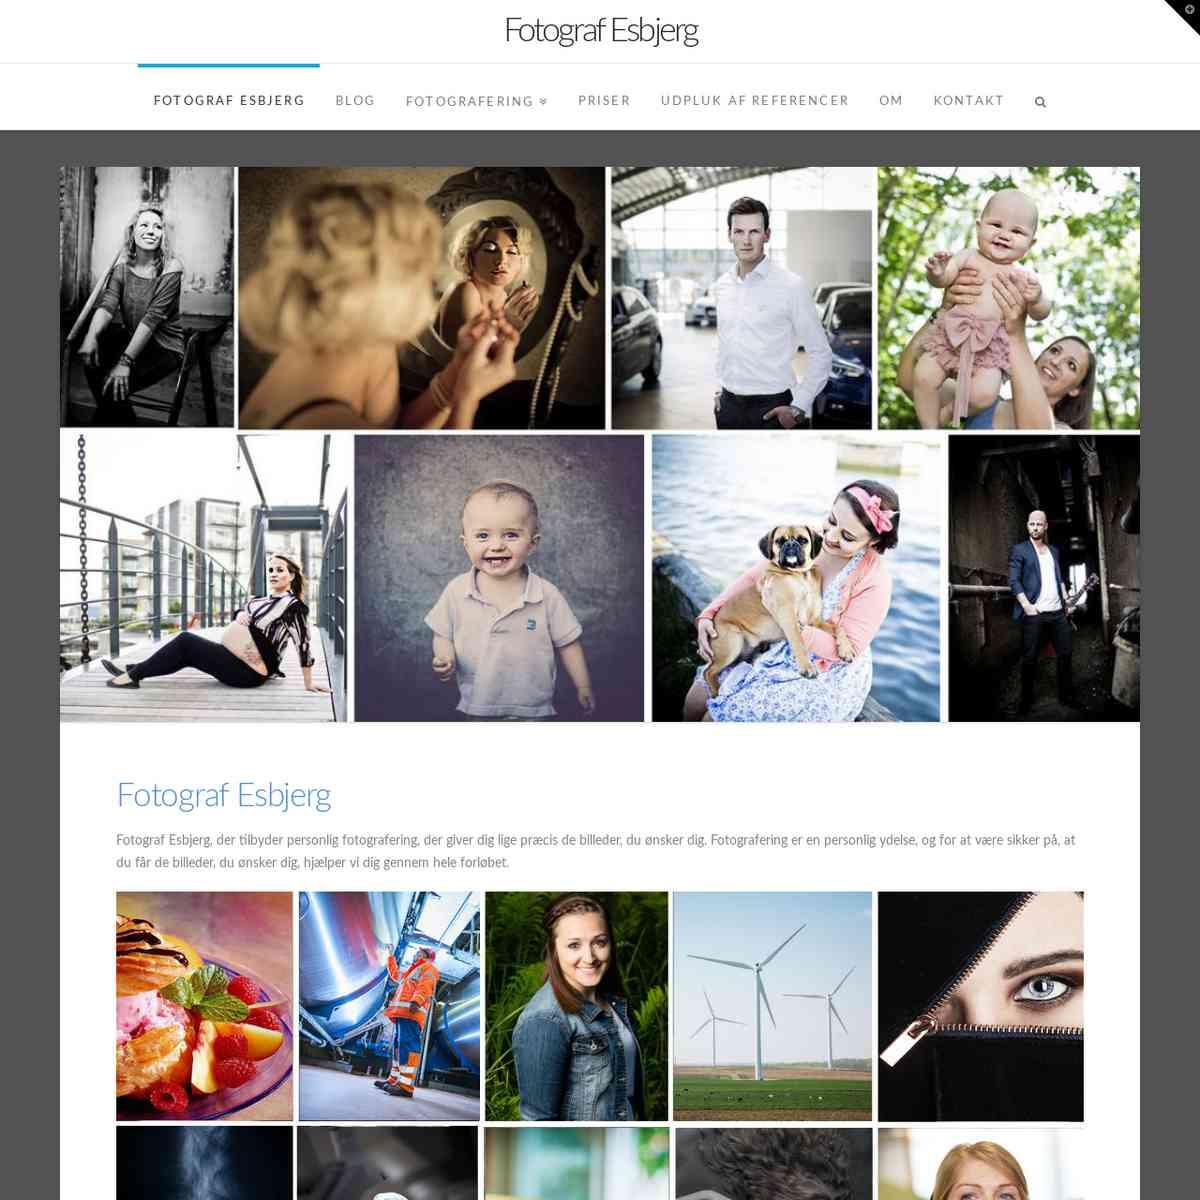 Fotograf Esbjerg